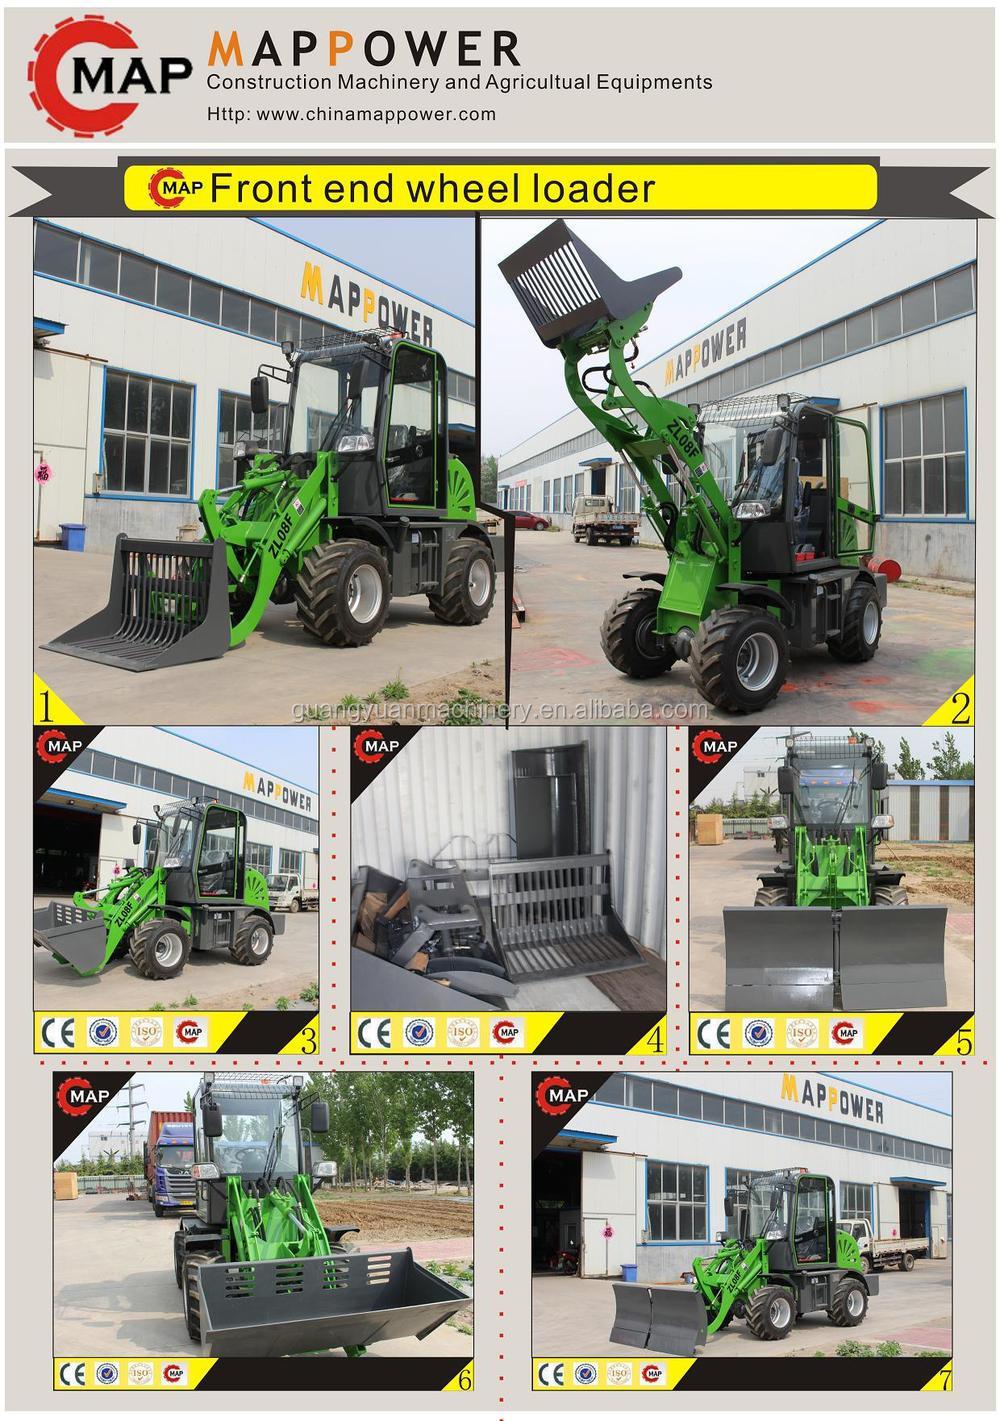 Китай Вэйфан ZL08F 4WD 800 КГ 0.8 тонны CE, Мини-погрузчики